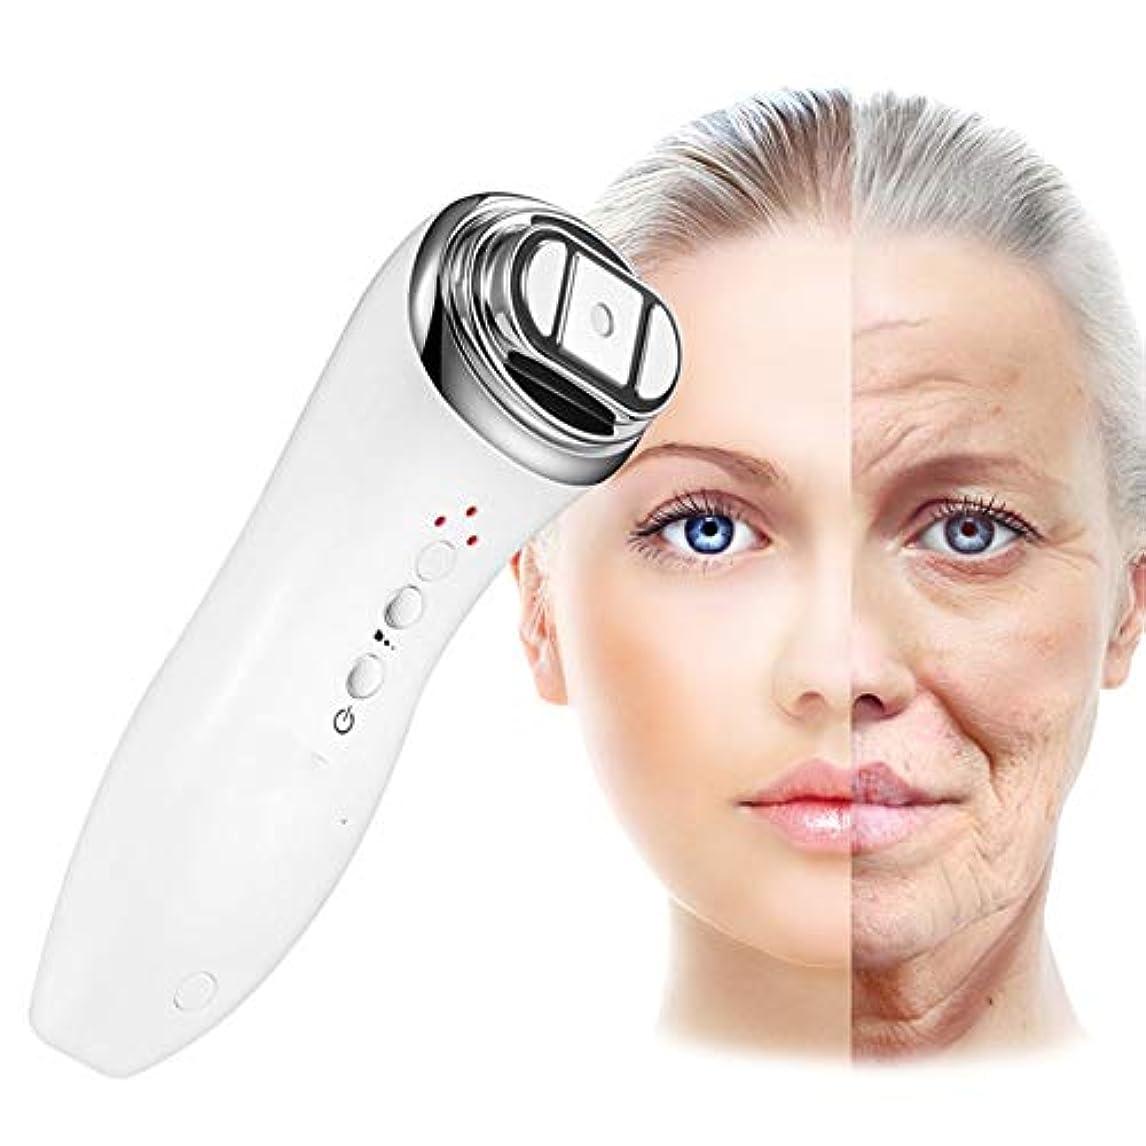 劇的安全同化するガルバニックMicrocurrentフェイスリフトマシン - デバイスを引き締める顔の皮膚 - 顔と首のアンチエイジングマッサージツール